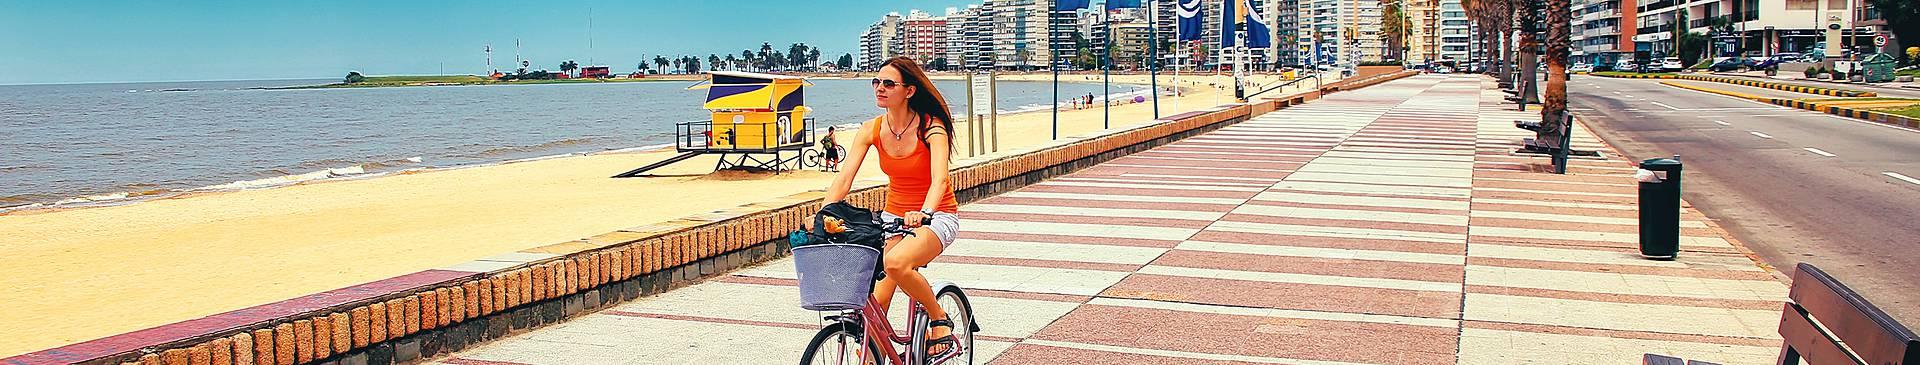 Summer in Uruguay